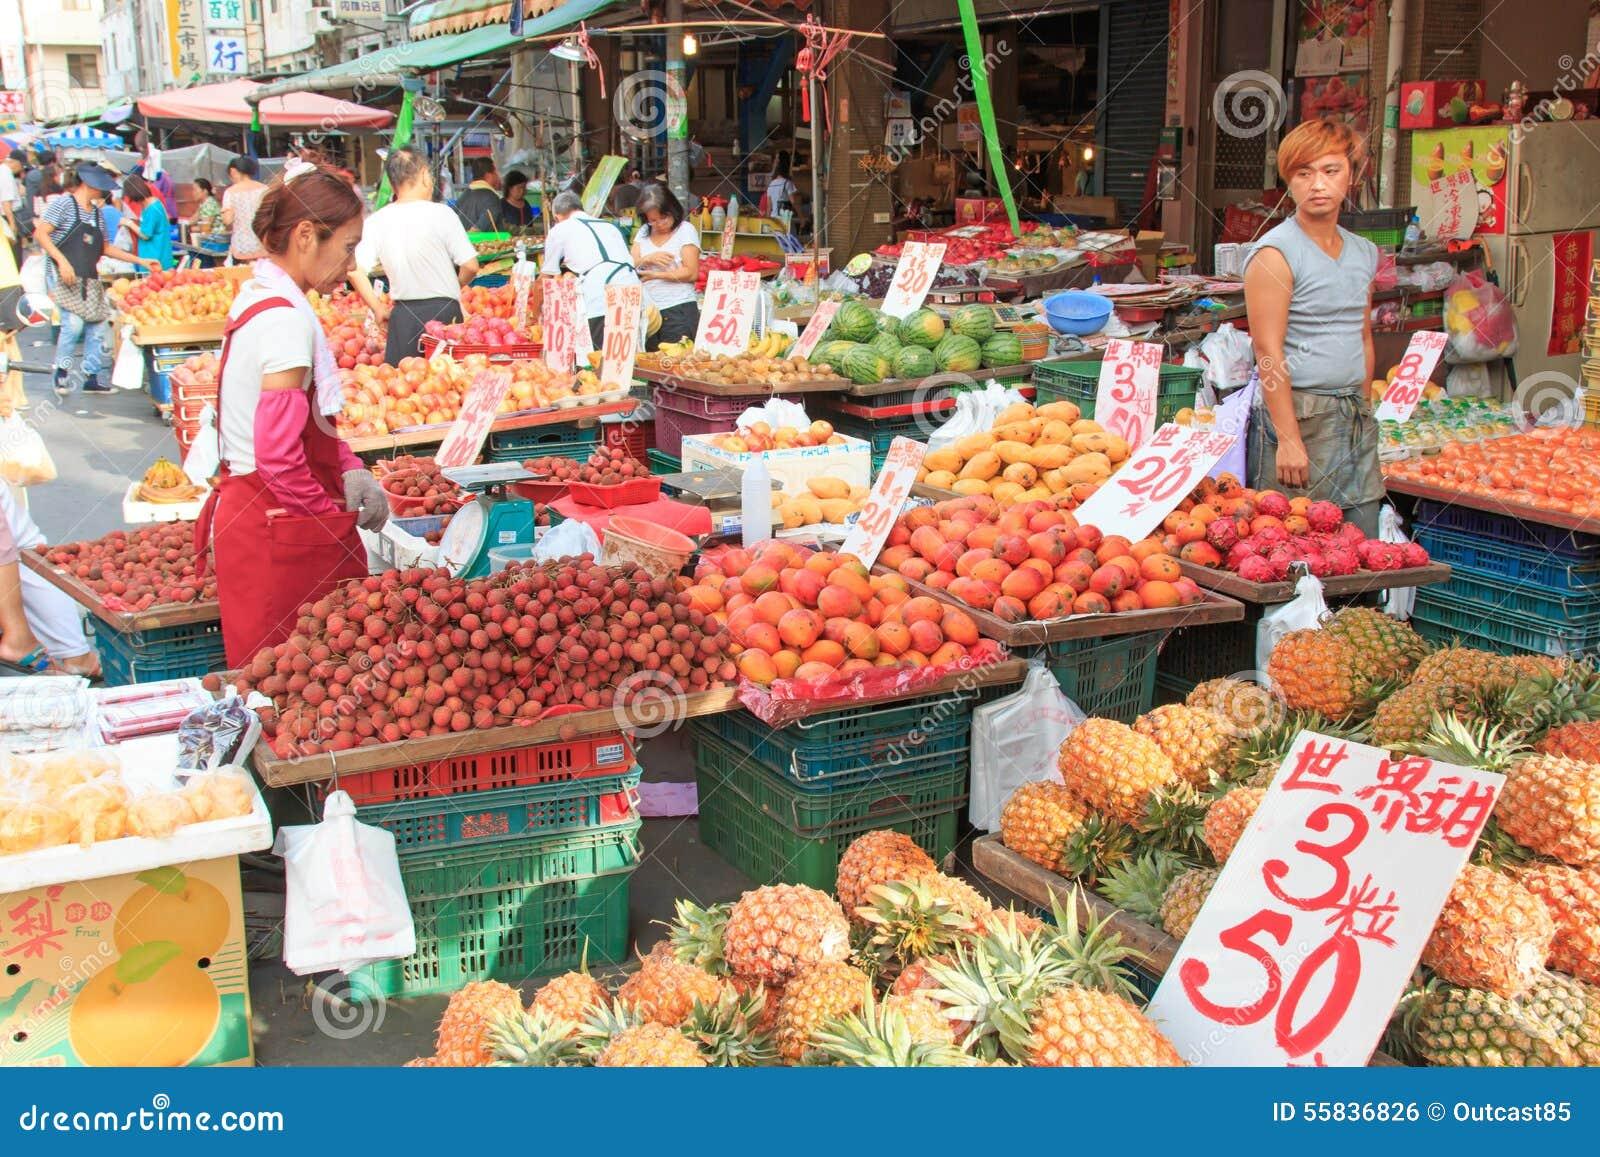 Leuteverkauf und kaufendes Lebensmittel in einem traditionellen Obst- und Gemüse Markt von Taiwan